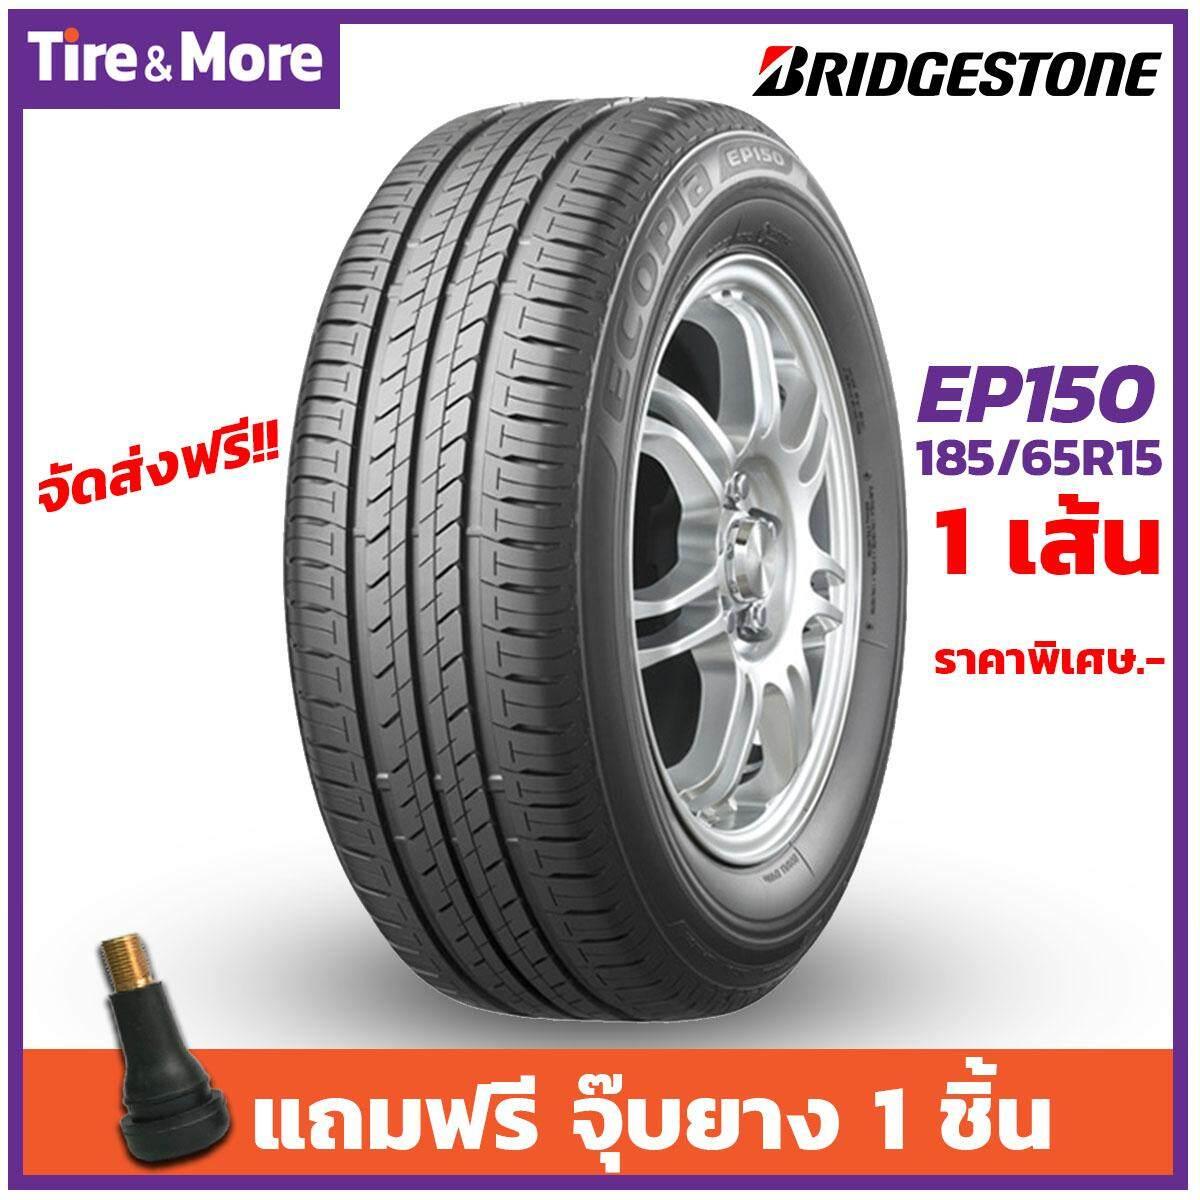 ยะลา 185/65R15 ยางรถยนต์ Bridgestone EP150 1 เส้น [แถมฟรีจุ๊บลมยาง 1 ชิ้น] บริสโตน